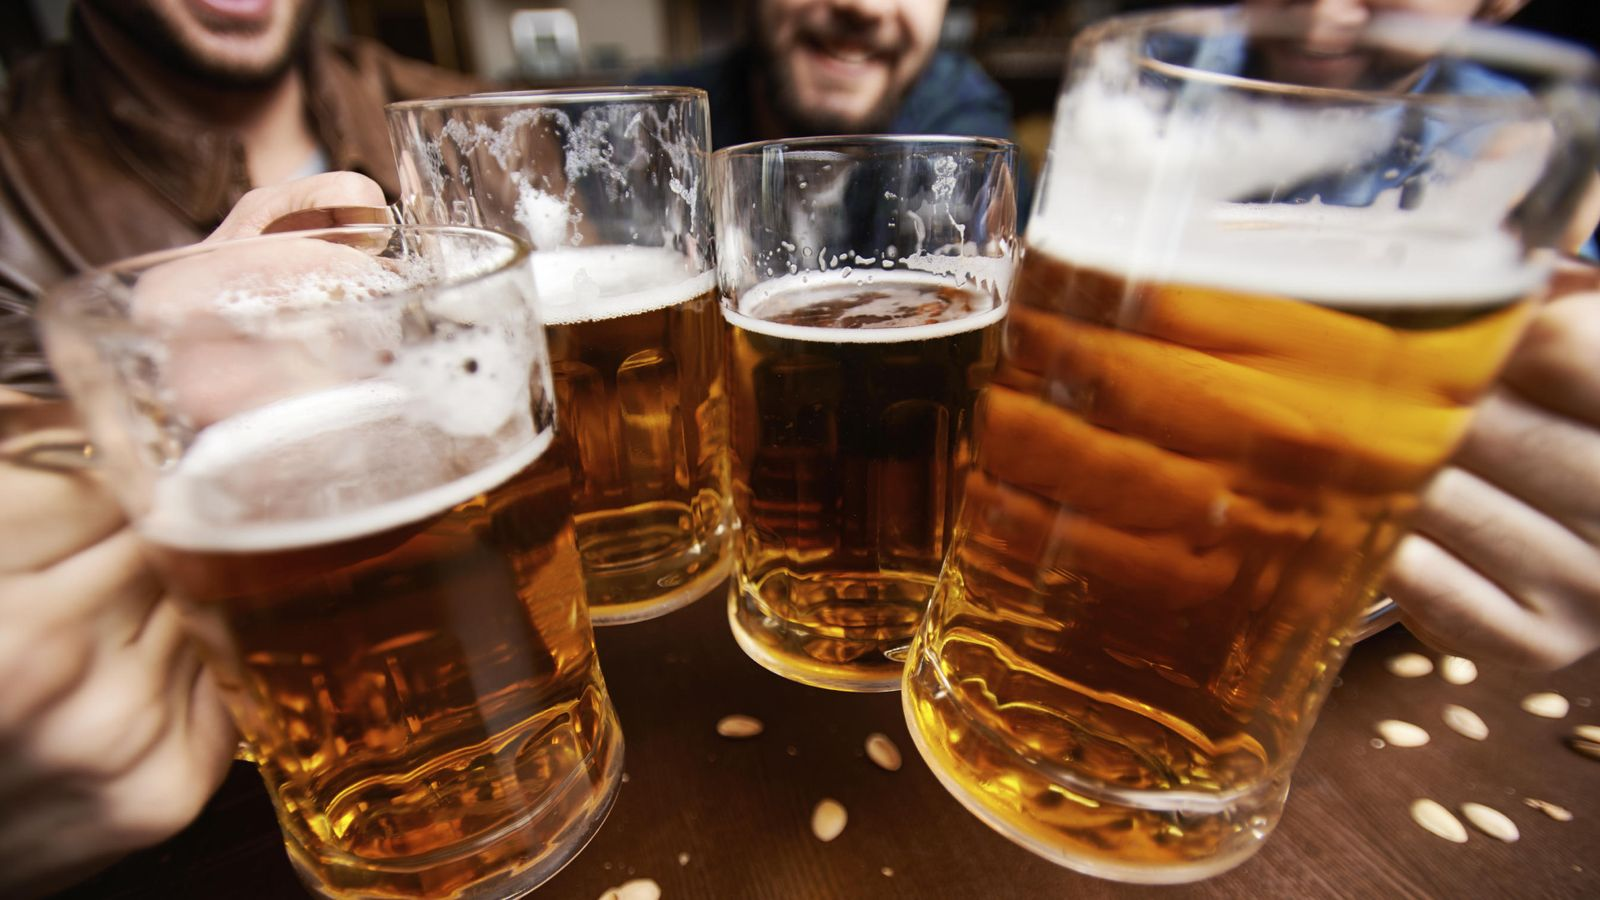 Foto: Ahora entenderás por qué al brindar nos deseamos 'salud'. (iStock)